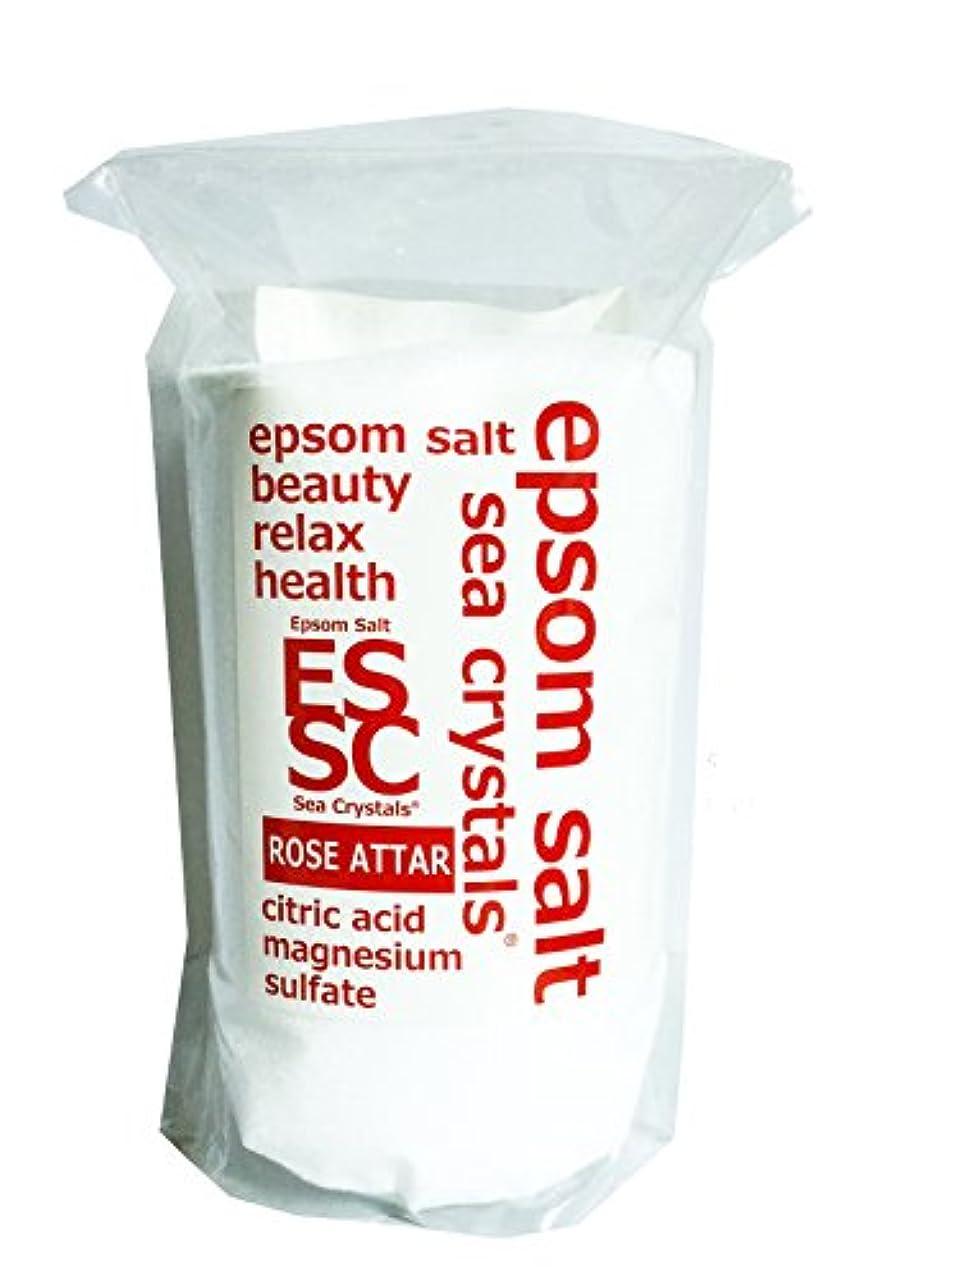 オーケストラ後悔優しい【Amazon.co.jp 限定】エプソムソルト 2.2kg ローズオットーの香り 入浴剤 (浴用化粧品)クエン酸配合 計量スプーン付